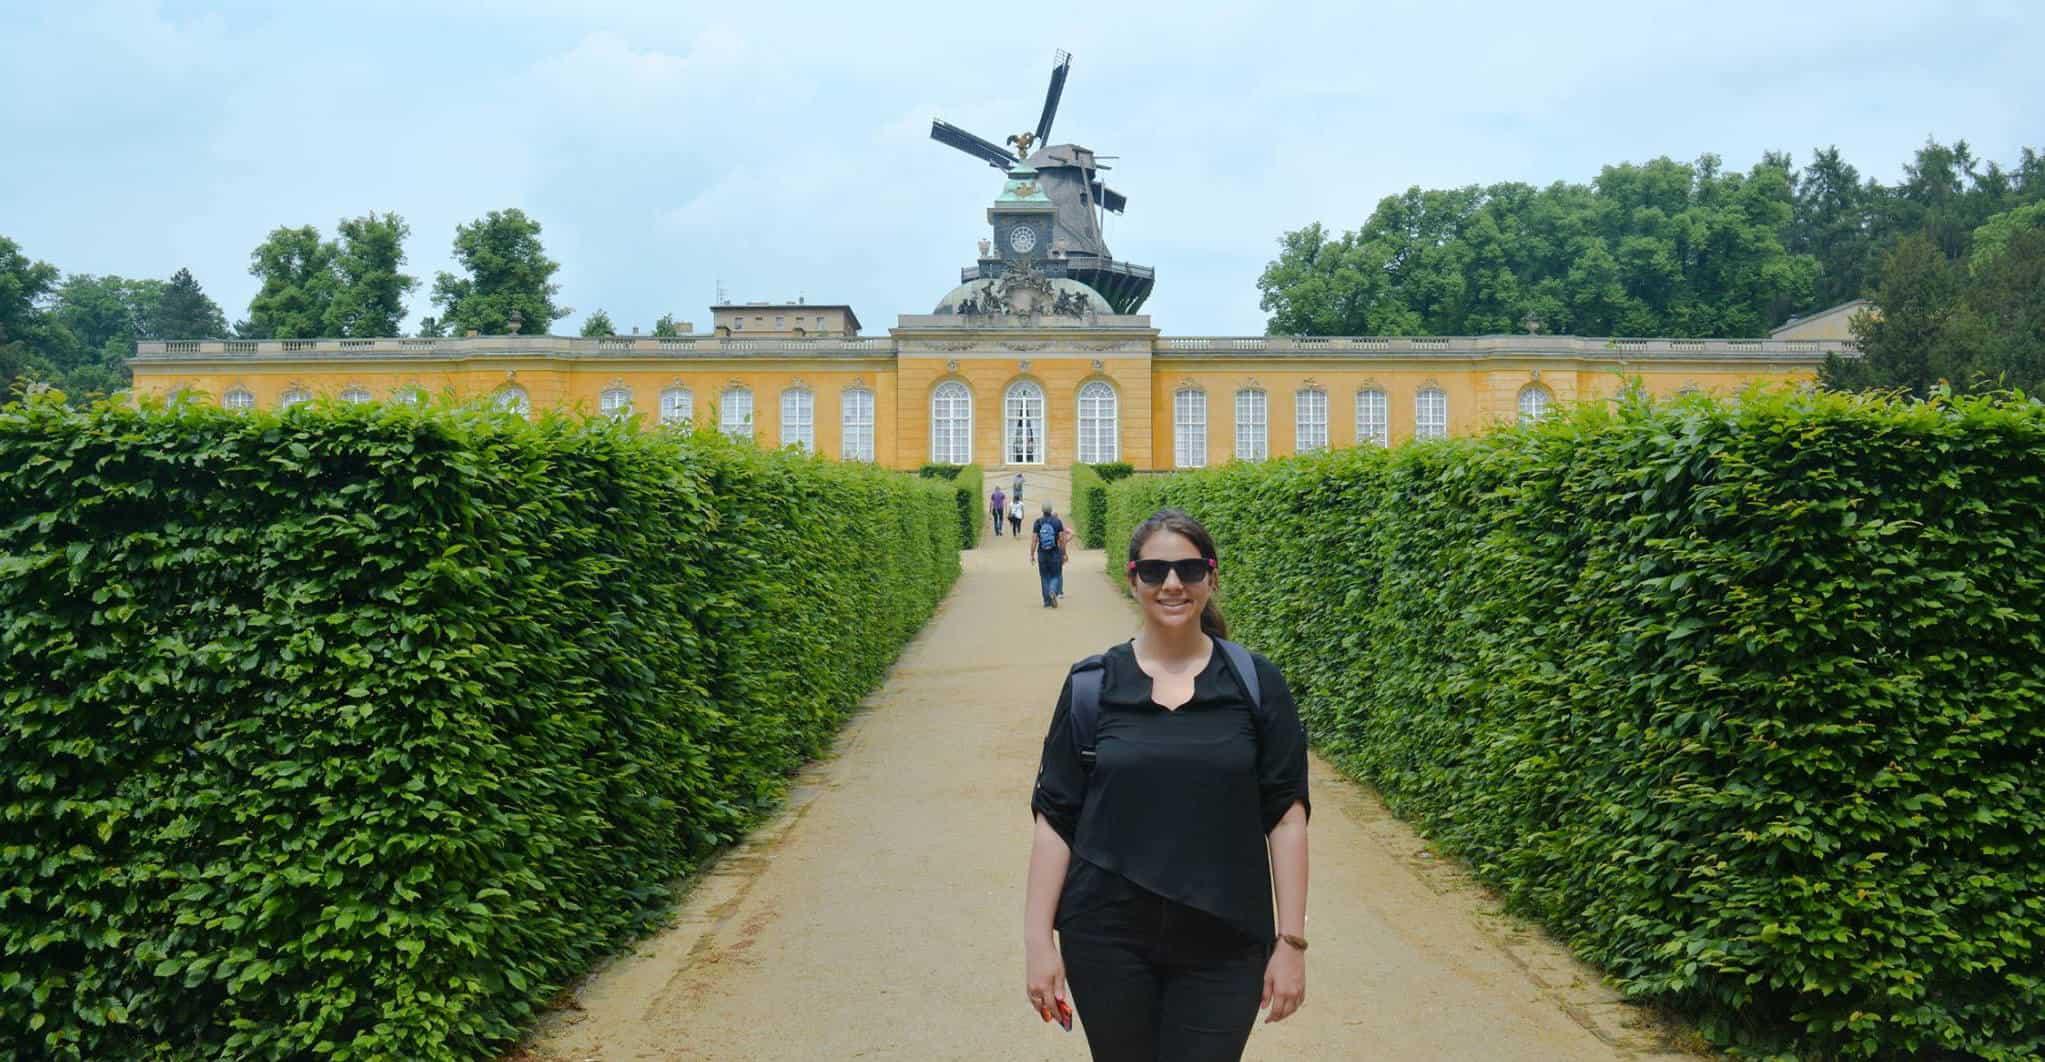 Histórico Molino de Sanssouci en Potsdam cerca de Berlín